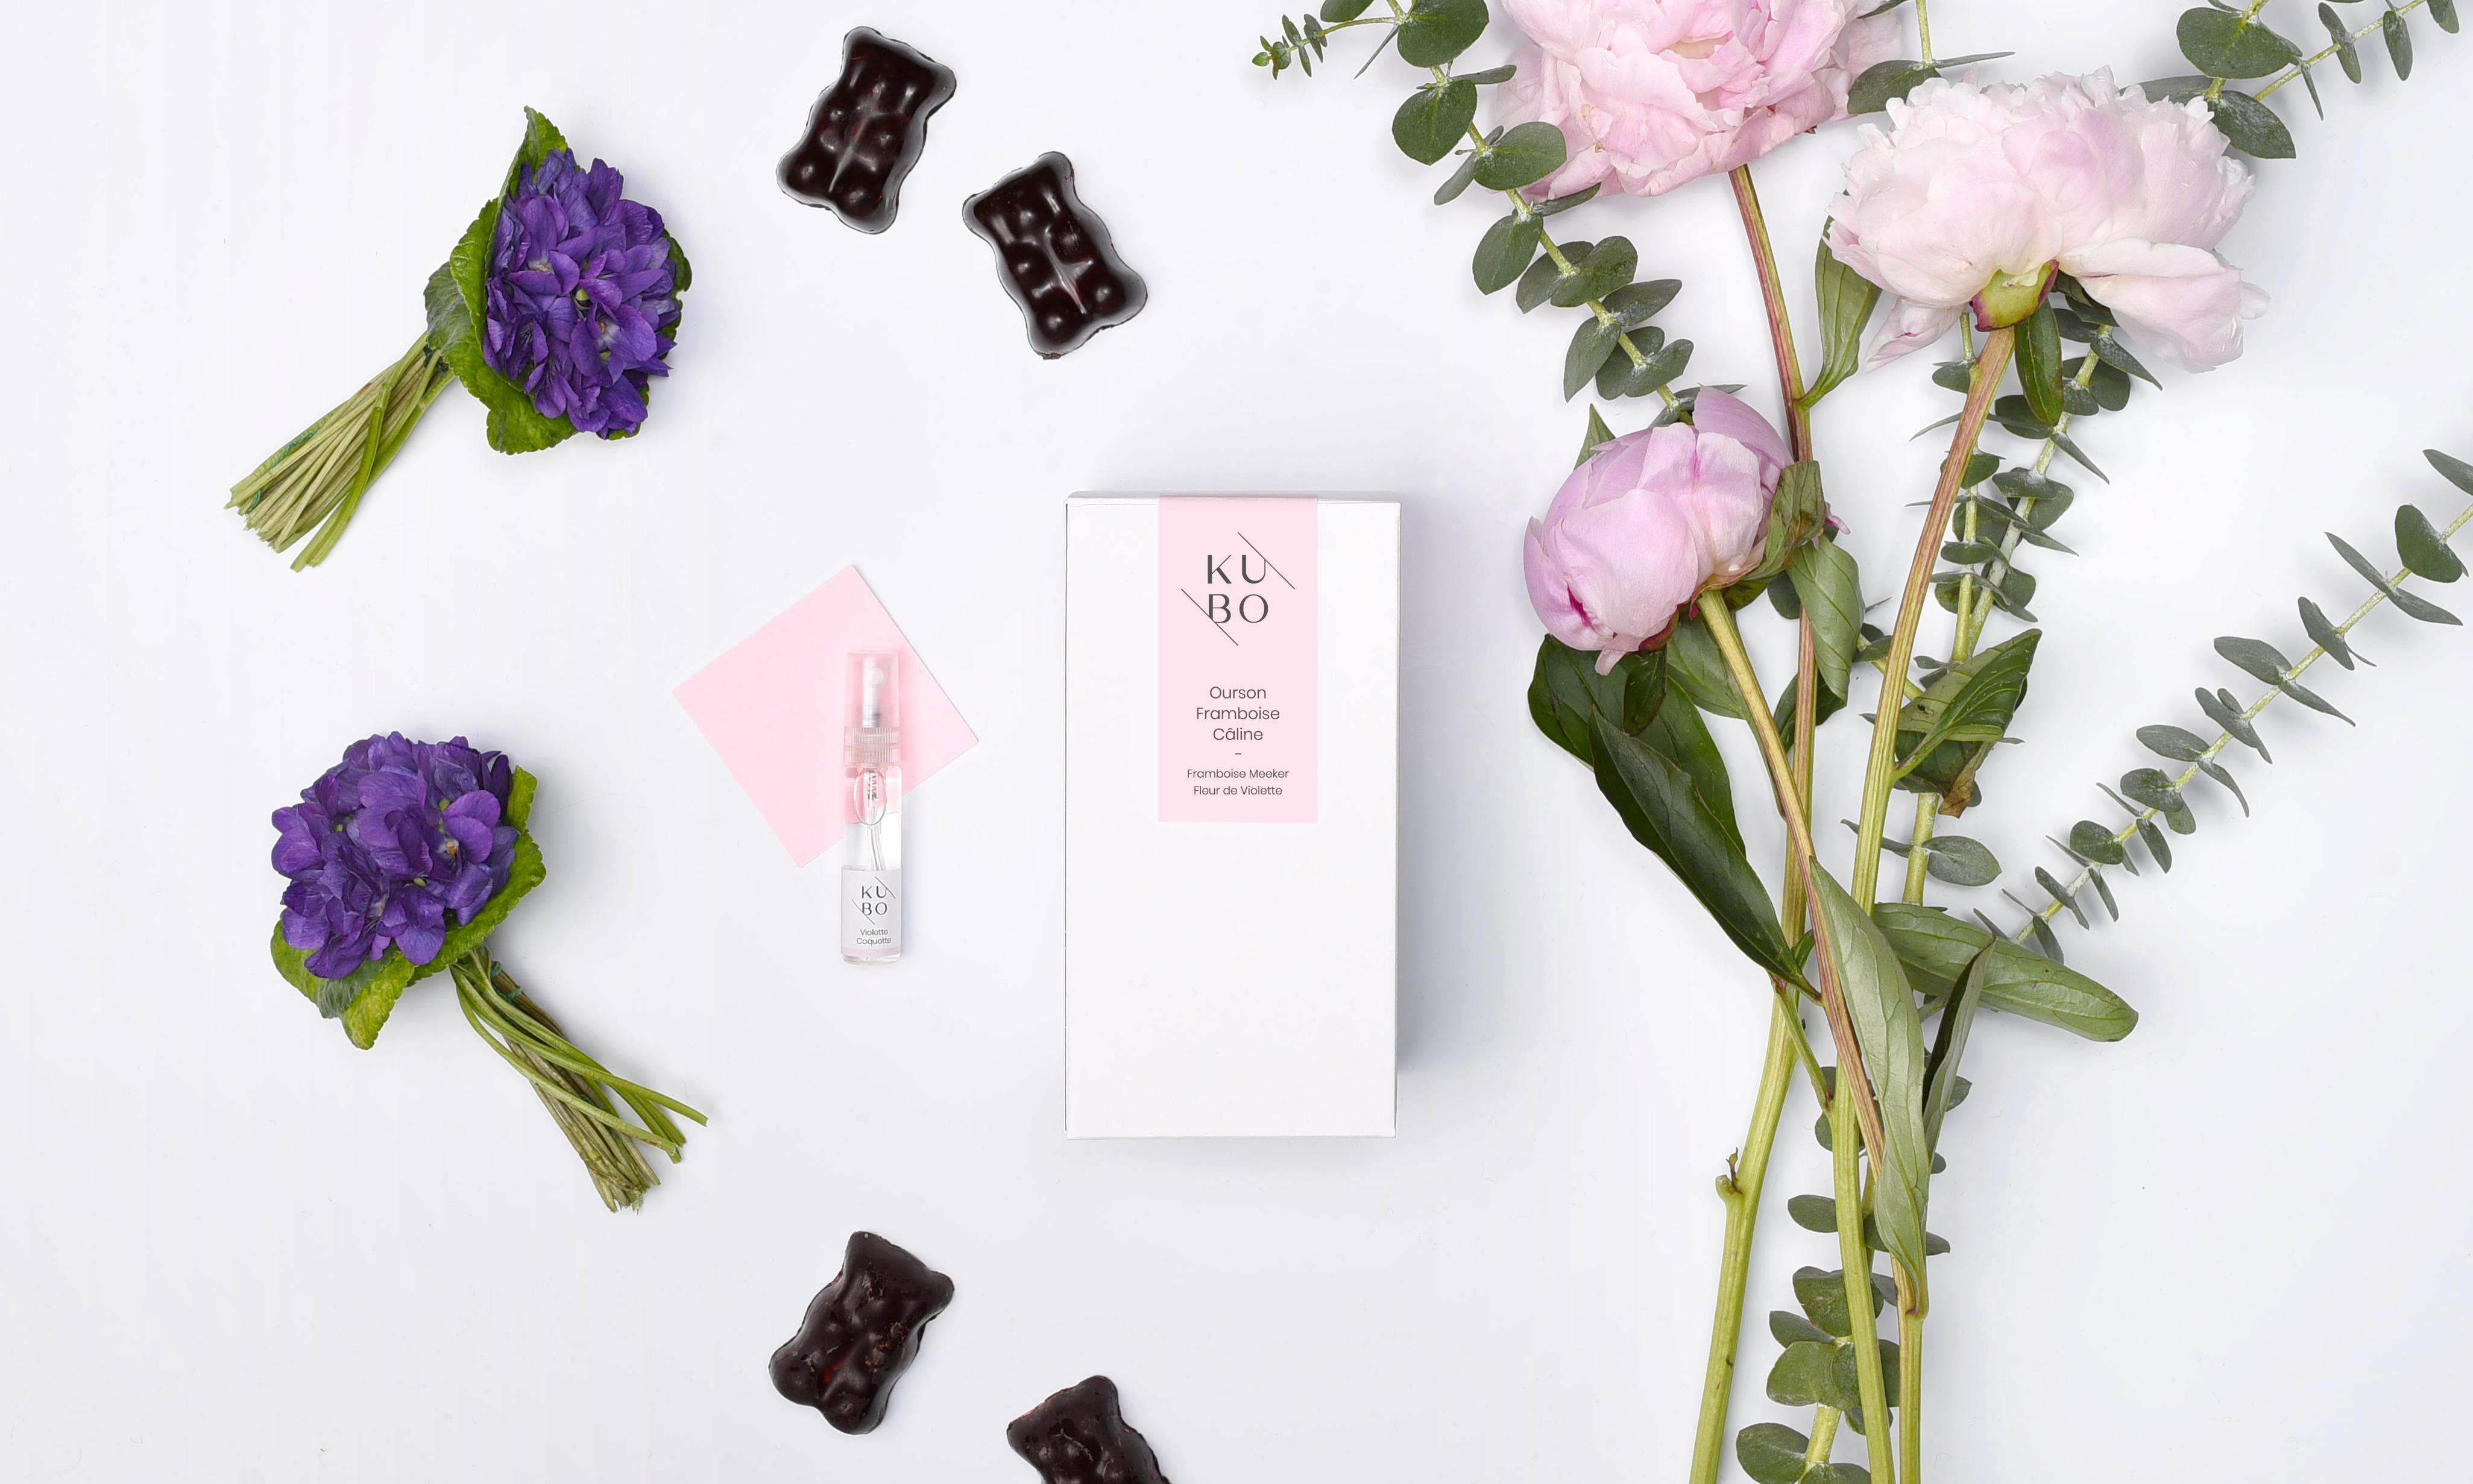 Kubo-pâtisserie - Ourson framboise câline et son parfum associé : violette coquette